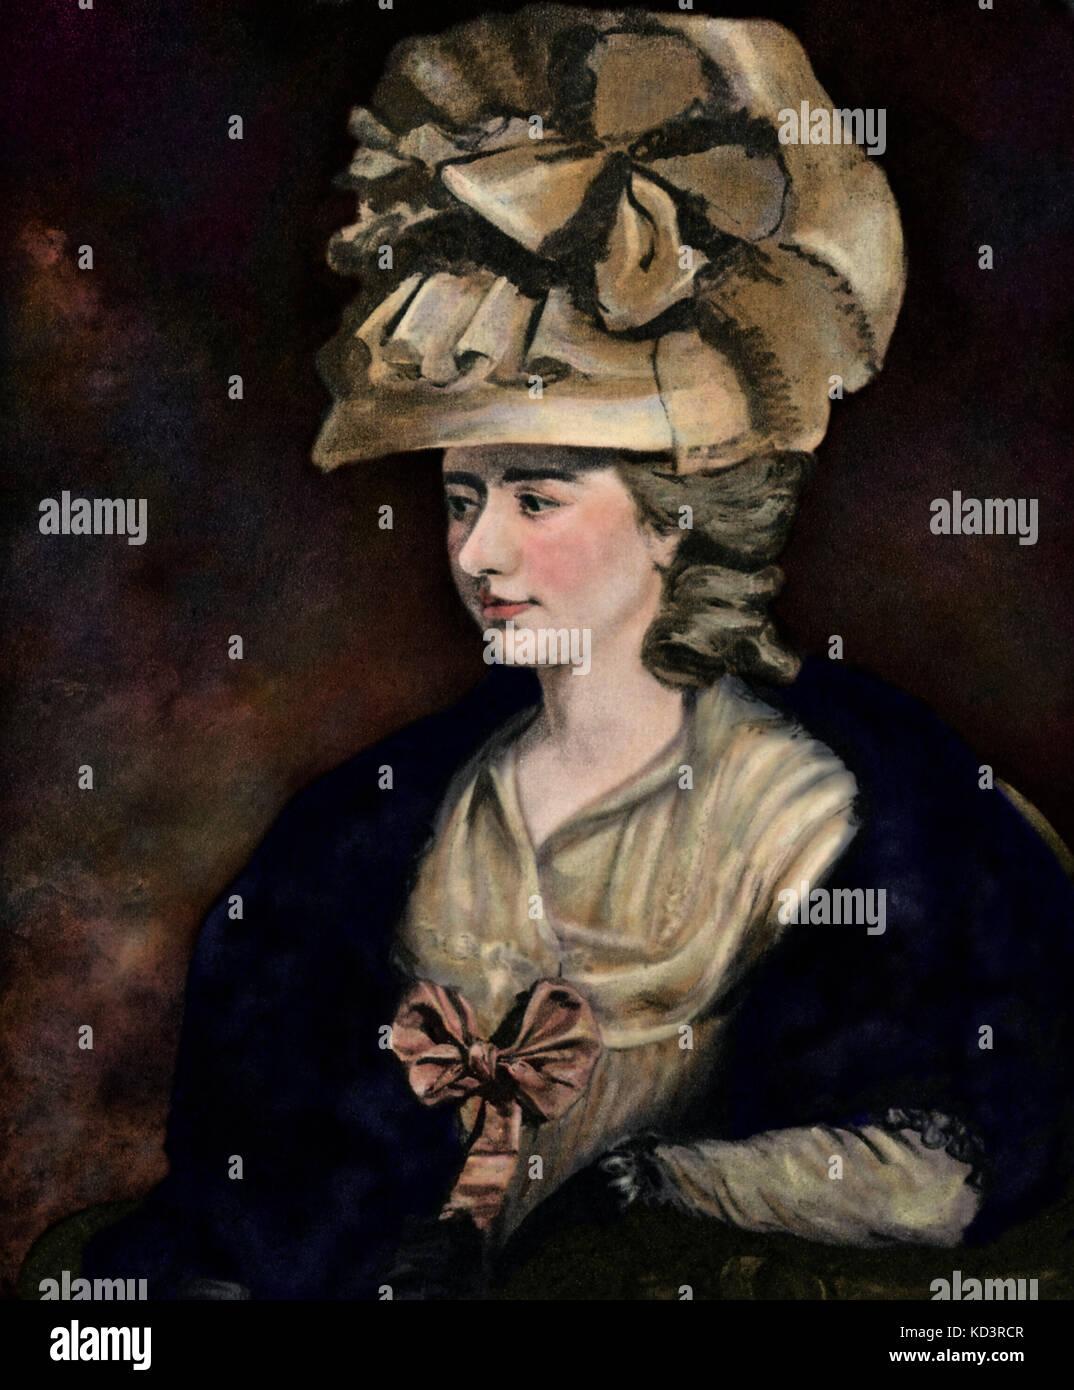 Frances Burney/ Fanny Burney/ Madame d'Arblay (13 juin 1752 – 6 janvier 1840). Romancier, diariste et dramaturge anglais. Après peinture à l'huile par E.F. Burney. Banque D'Images